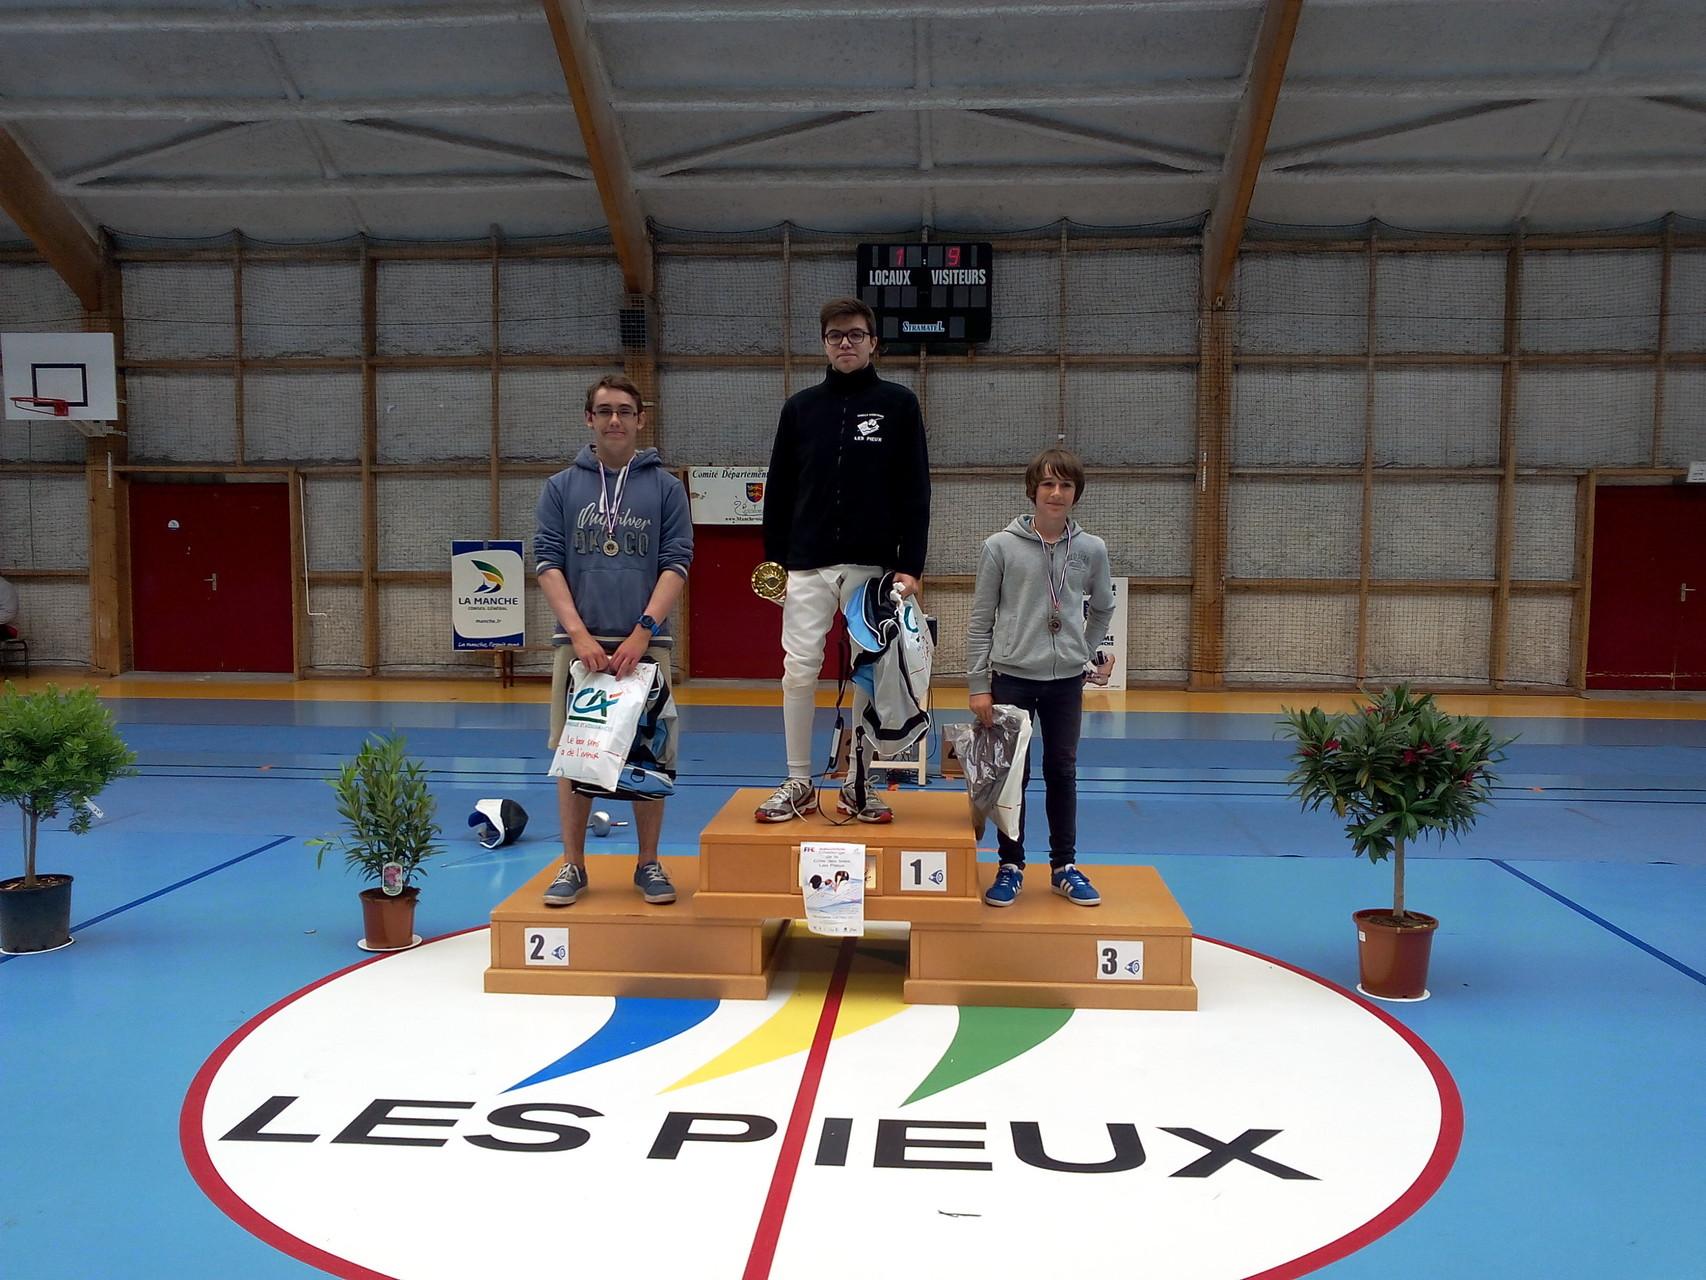 podium épée cadet. 1. MANUSE Benjamin, 2. PRUNIER Bastien, 3. LEGALL Yvon. Tous les 3 membres du club.